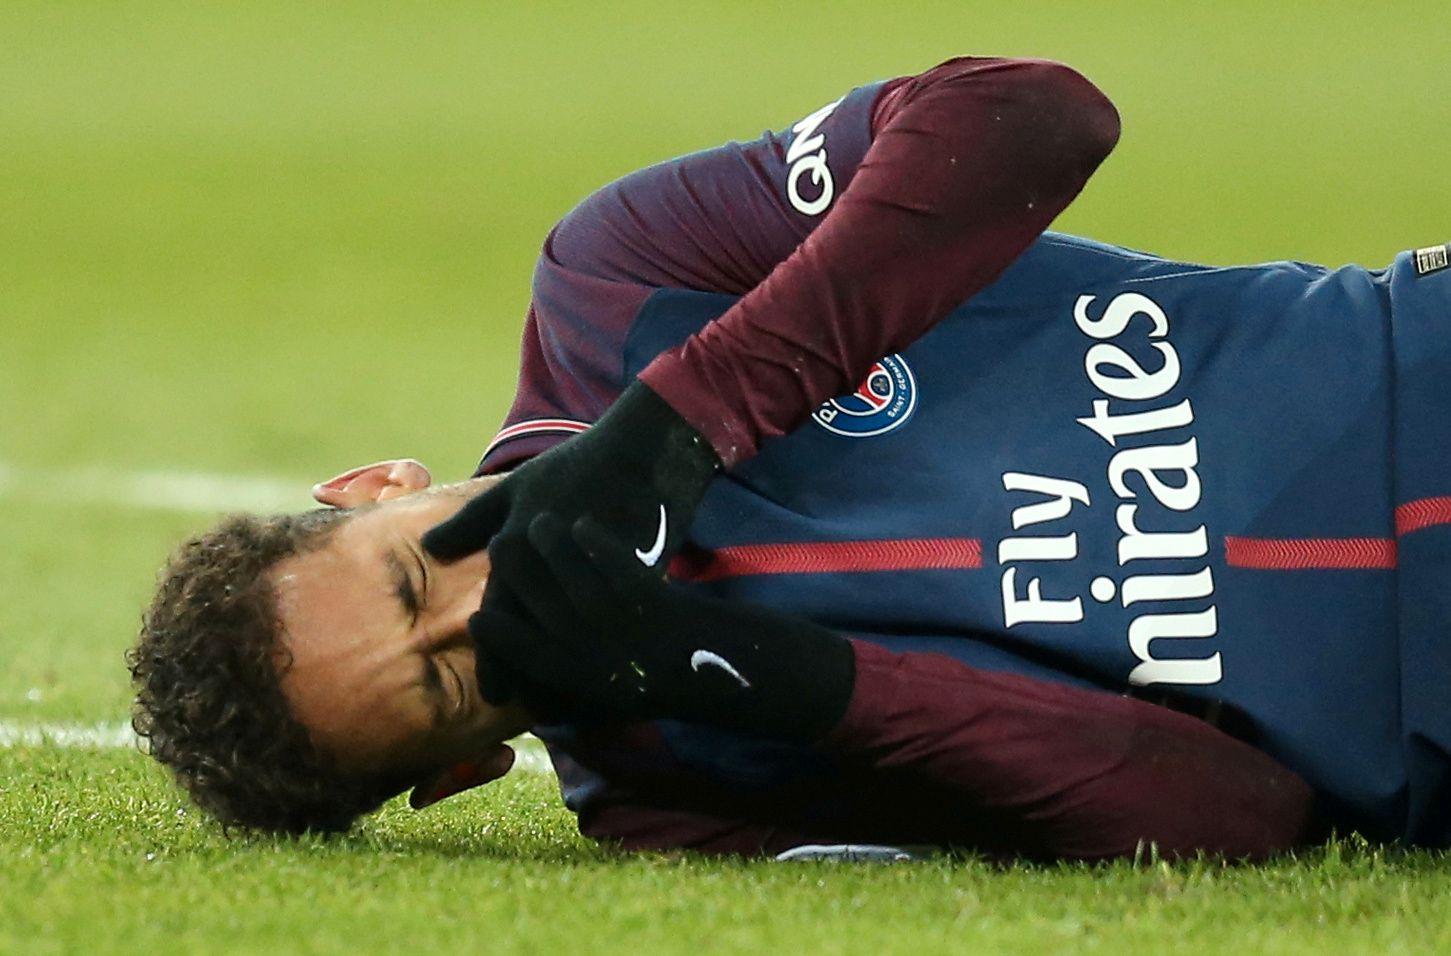 SKADET: Neymar skadet seg i foten under søndagens kamp mot Marseille.